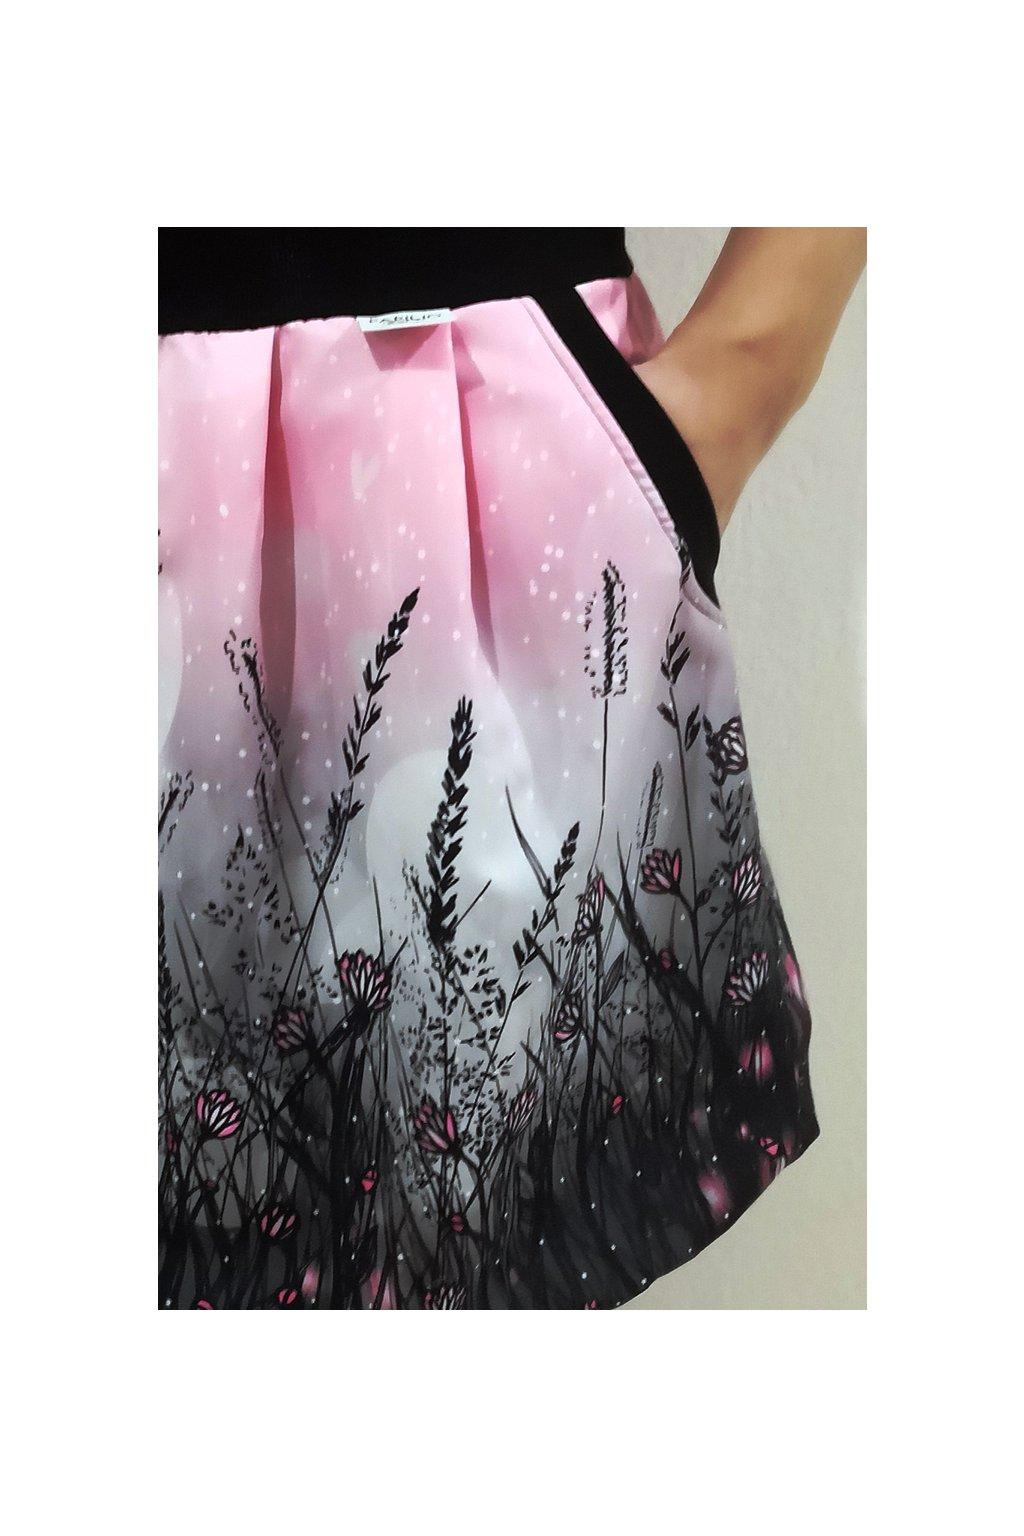 Jaro - růžová, velikost XS-S, délka 45 cm, přiznané kapsy | micropeach